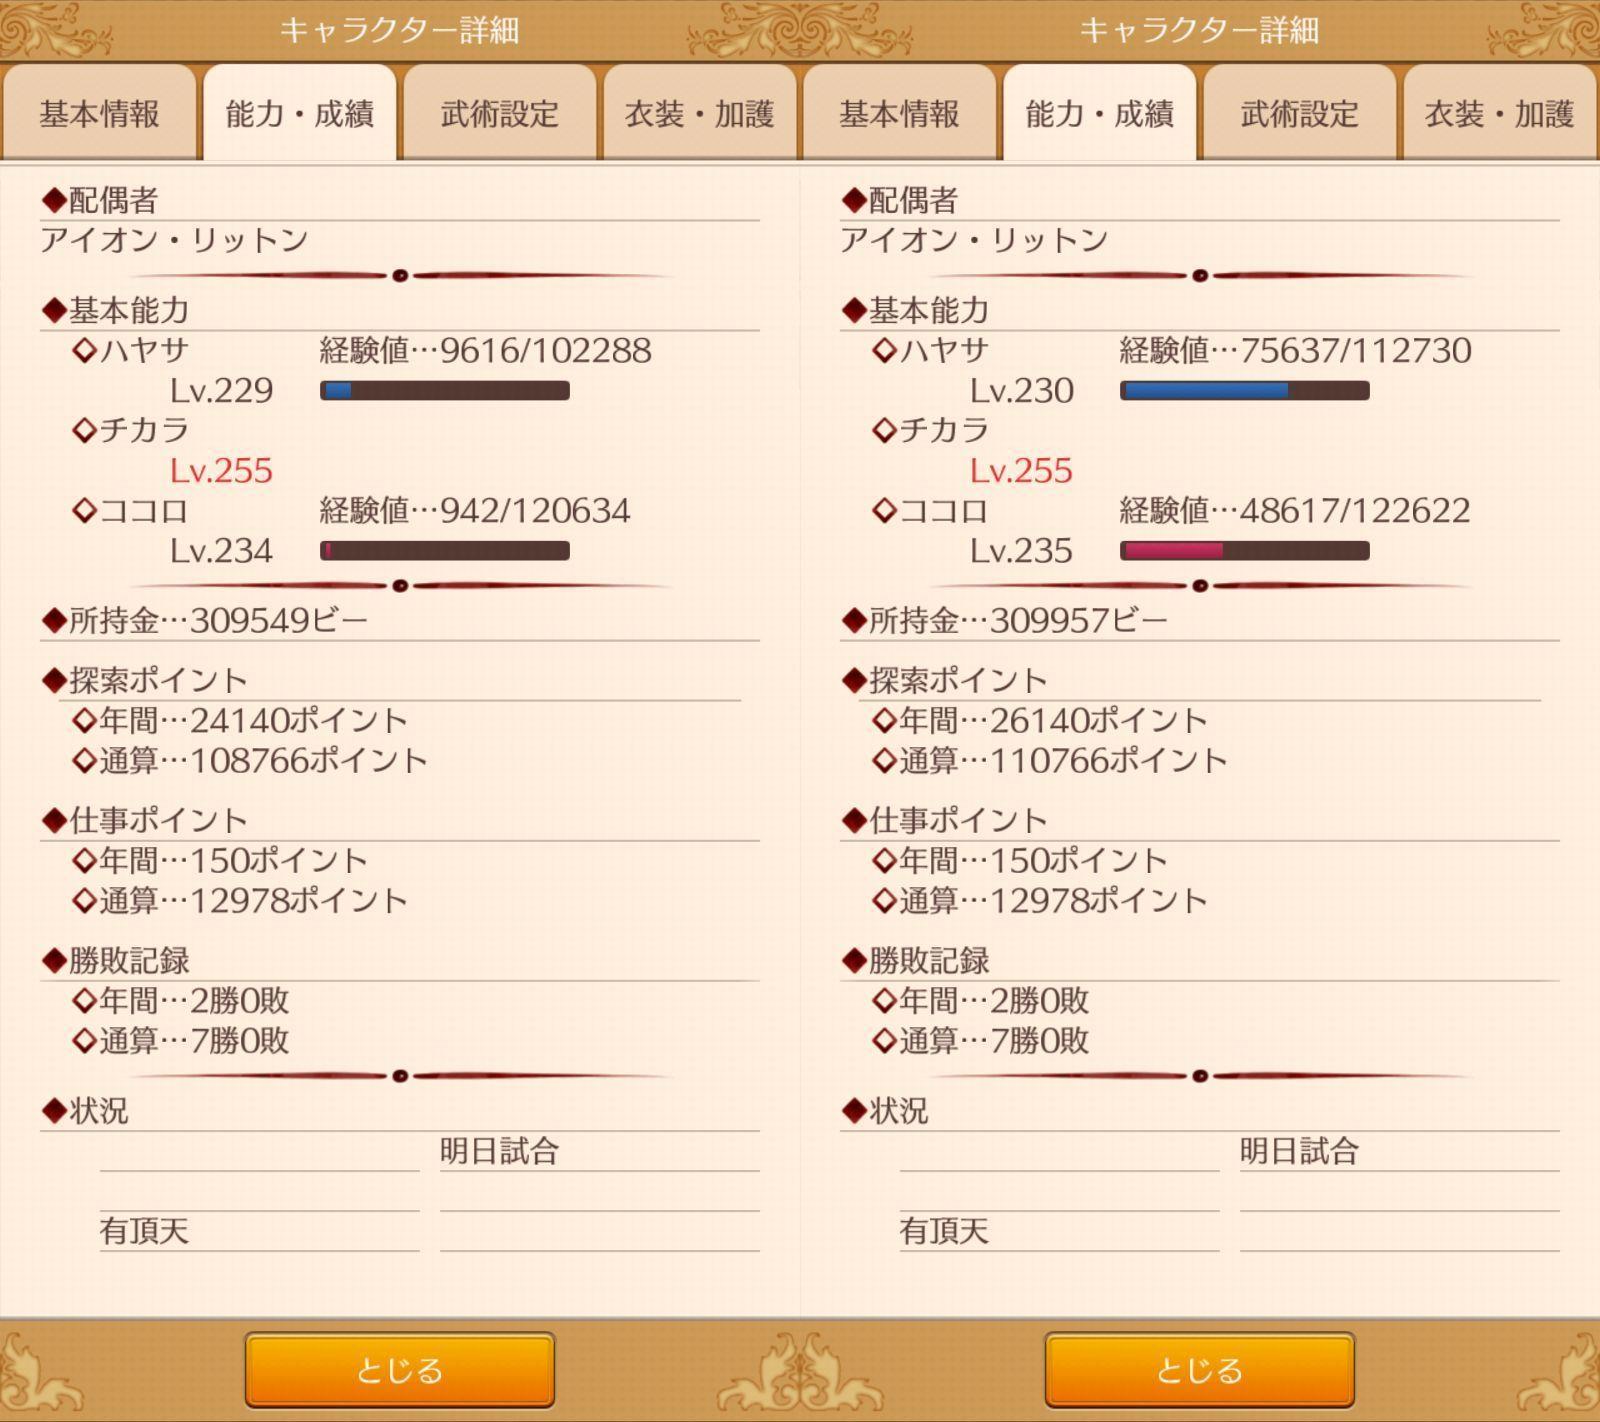 Toripo_20201021_080417_400a.jpg